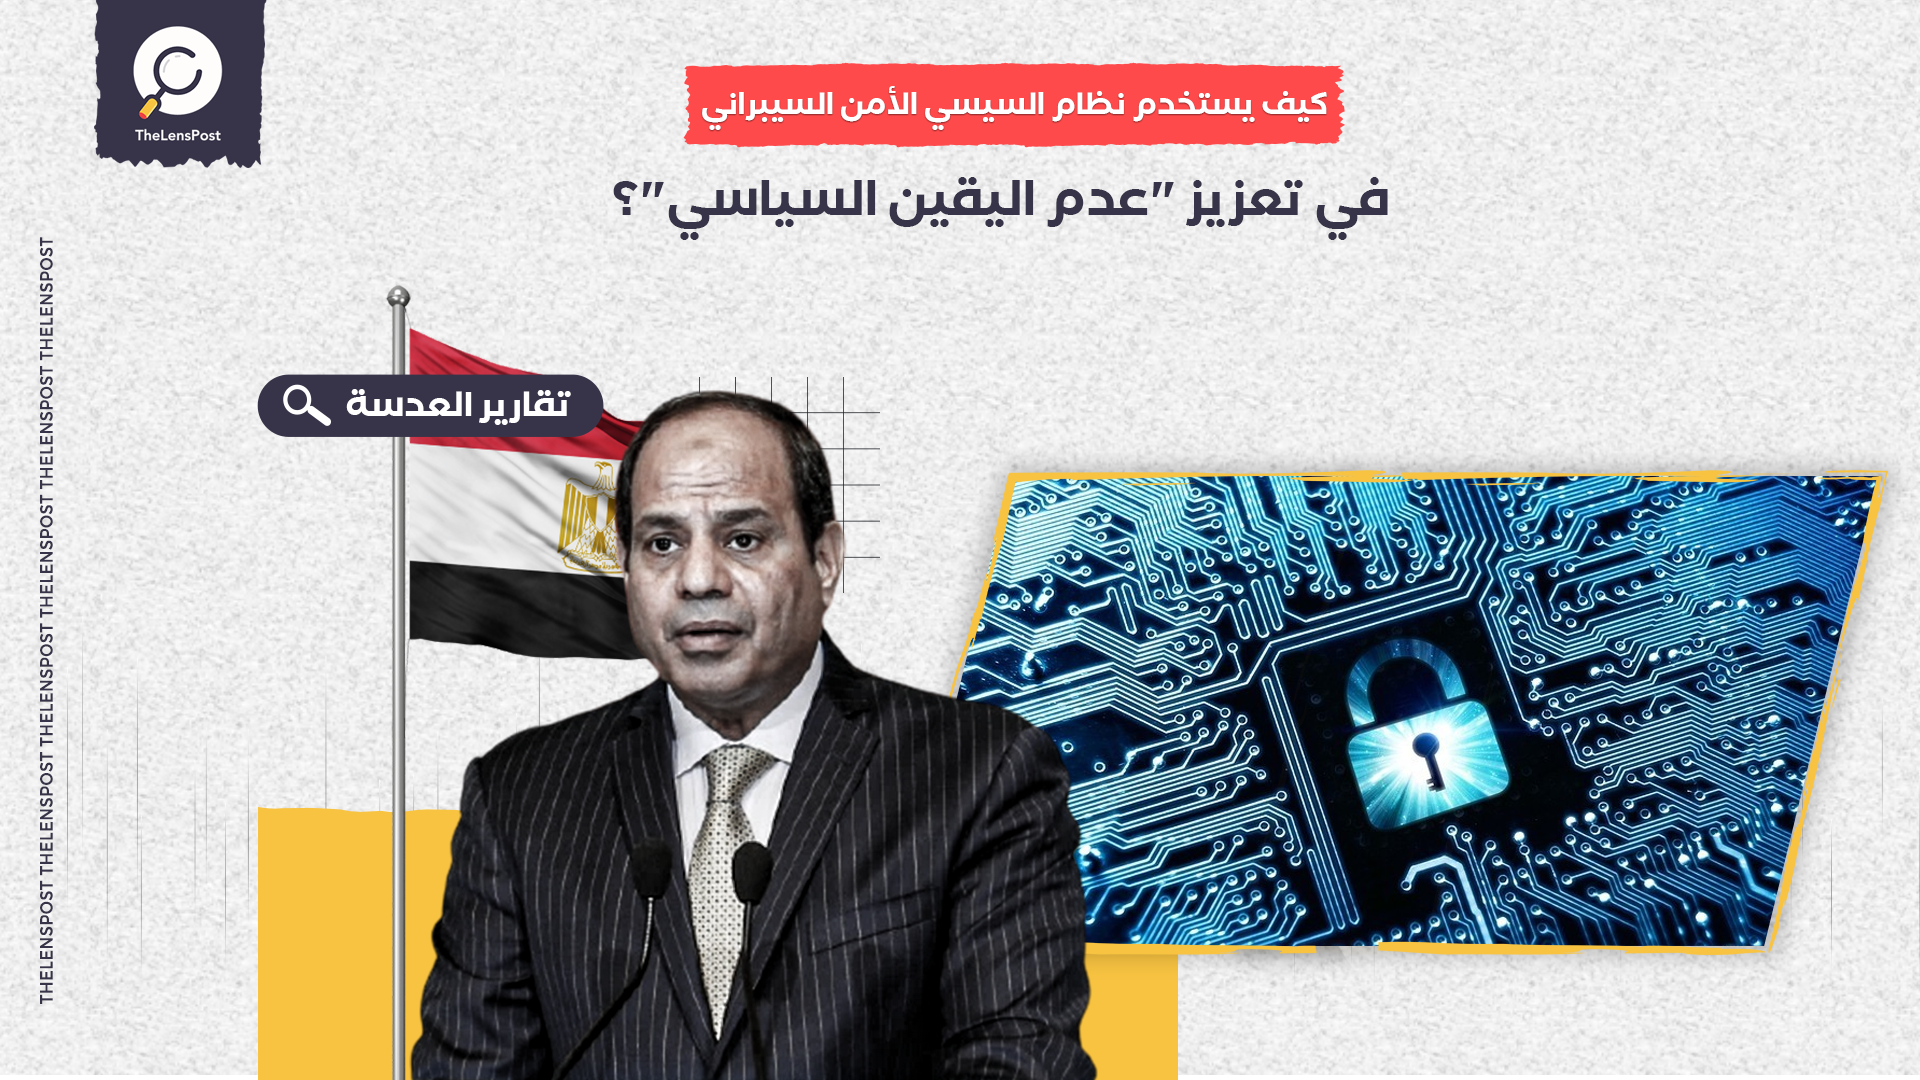 """كيف يستخدم نظام السيسي الأمن السيبراني في تعزيز """"عدم اليقين السياسي""""؟"""